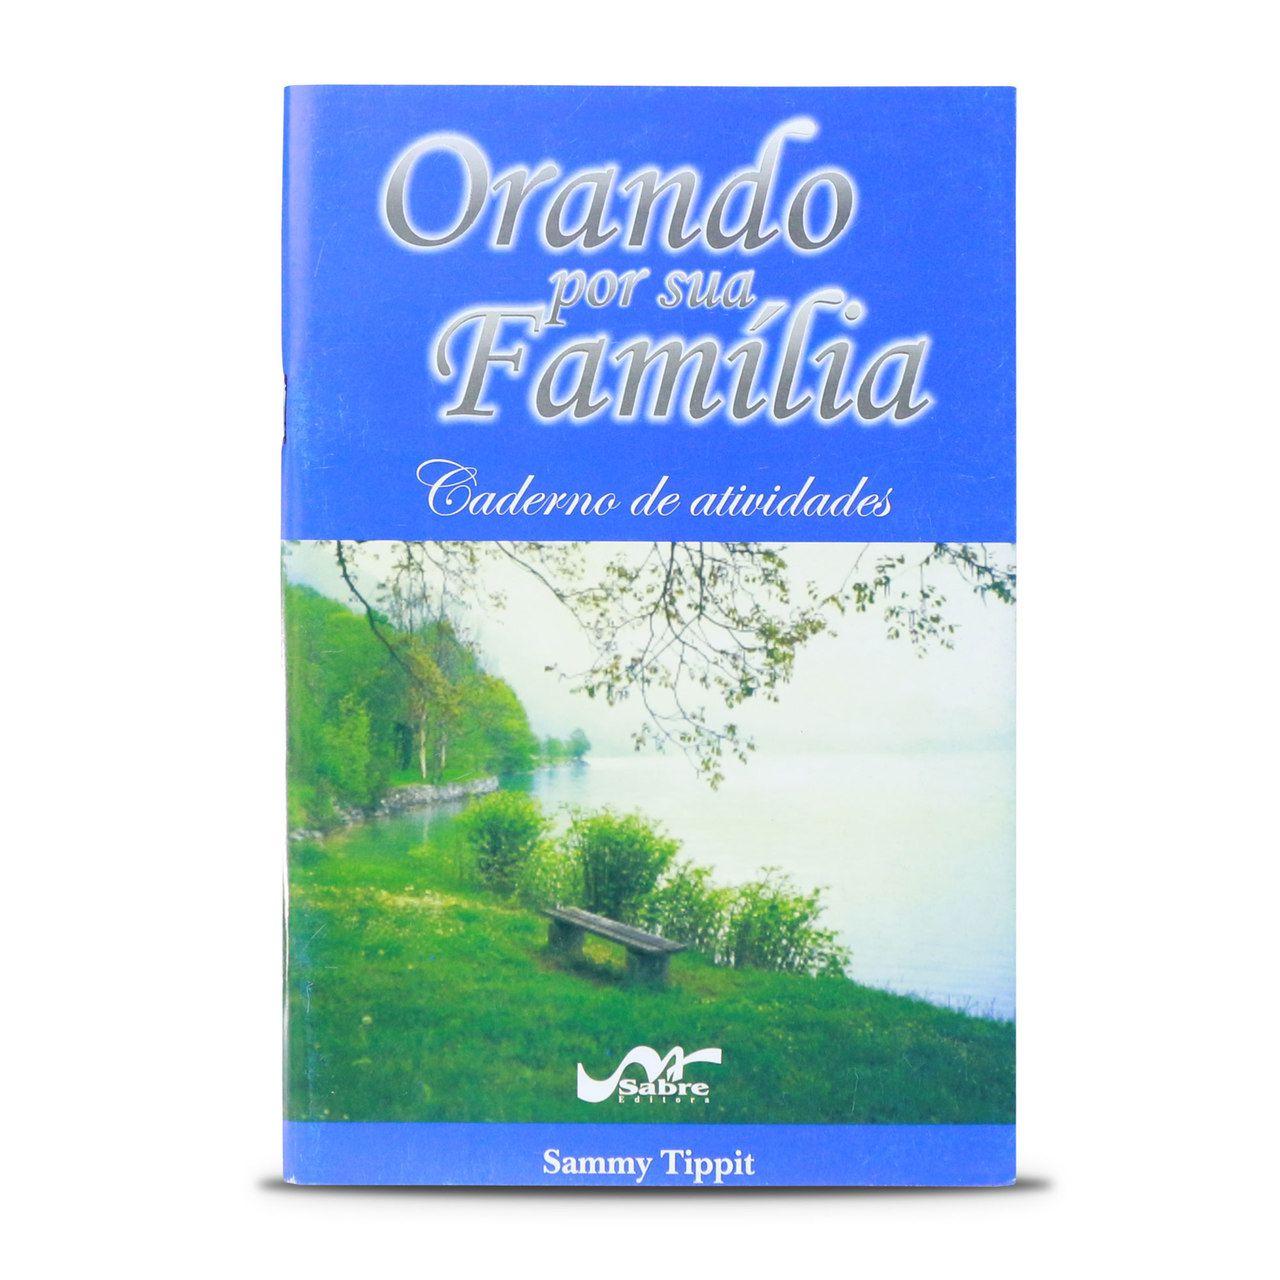 Orando por sua família - Caderno de Atividades